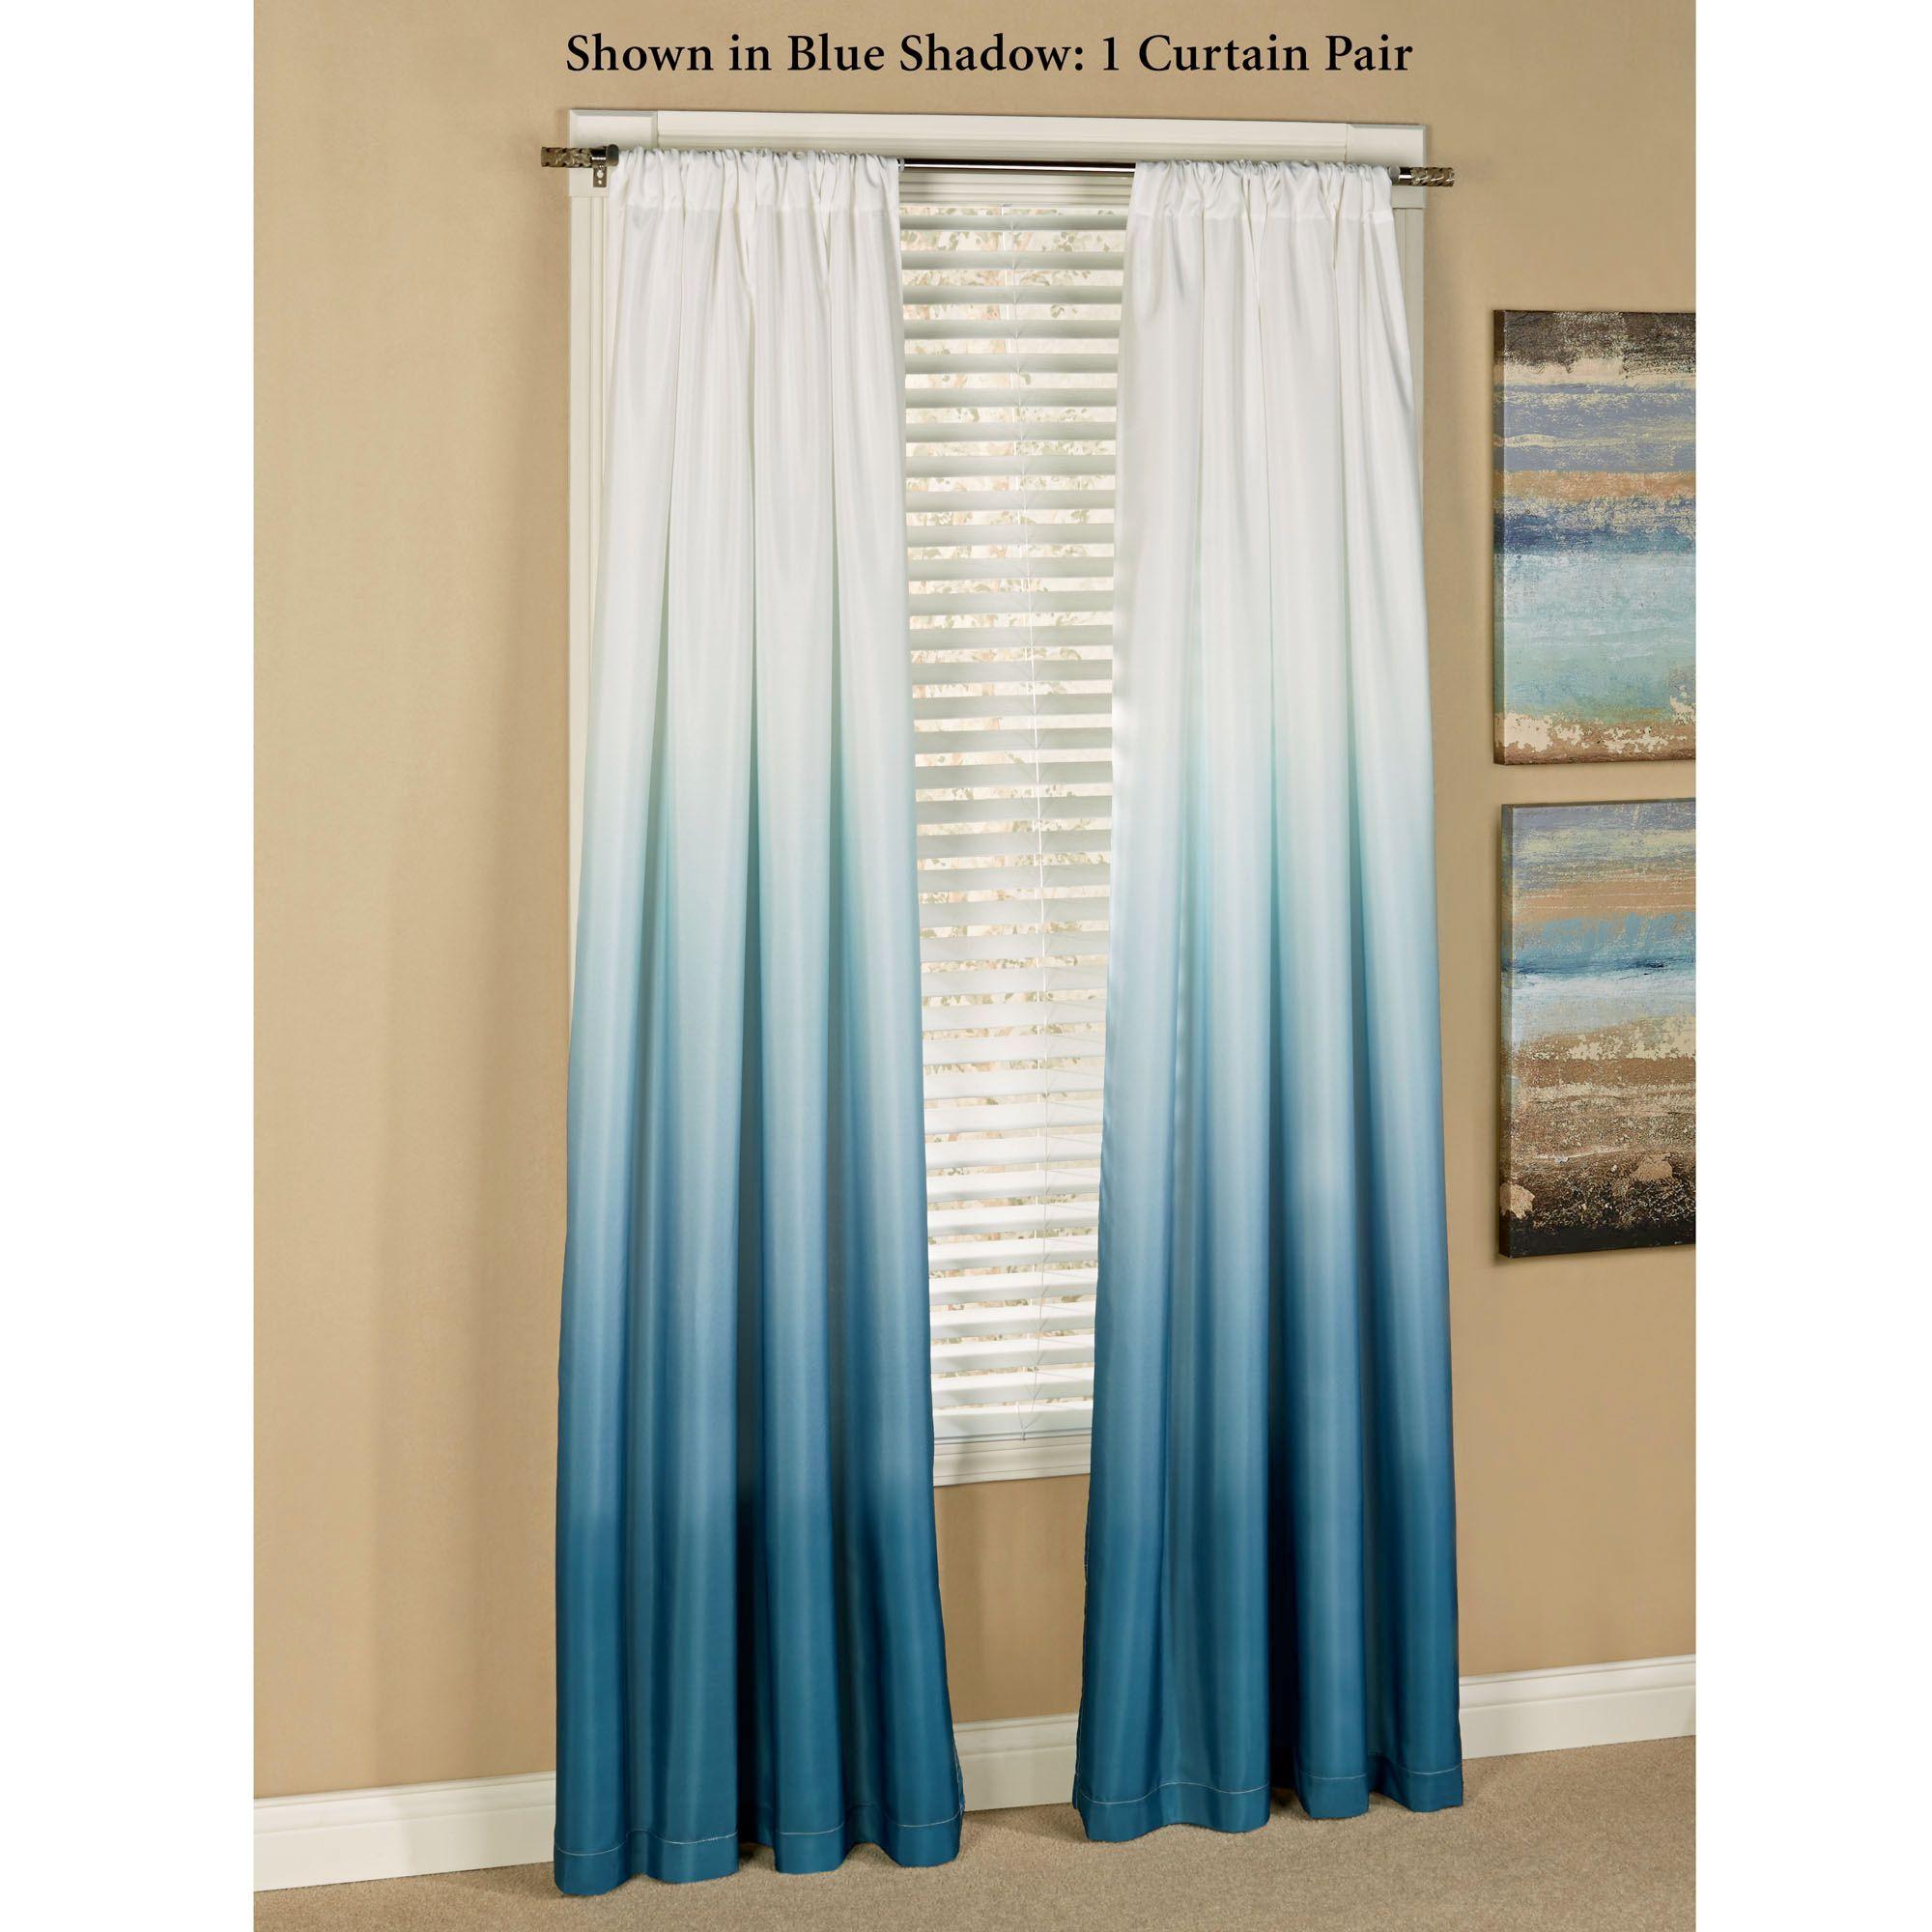 Shades Tailored Curtain Pair 80 X 84 Ombré Curtains Good Ideas